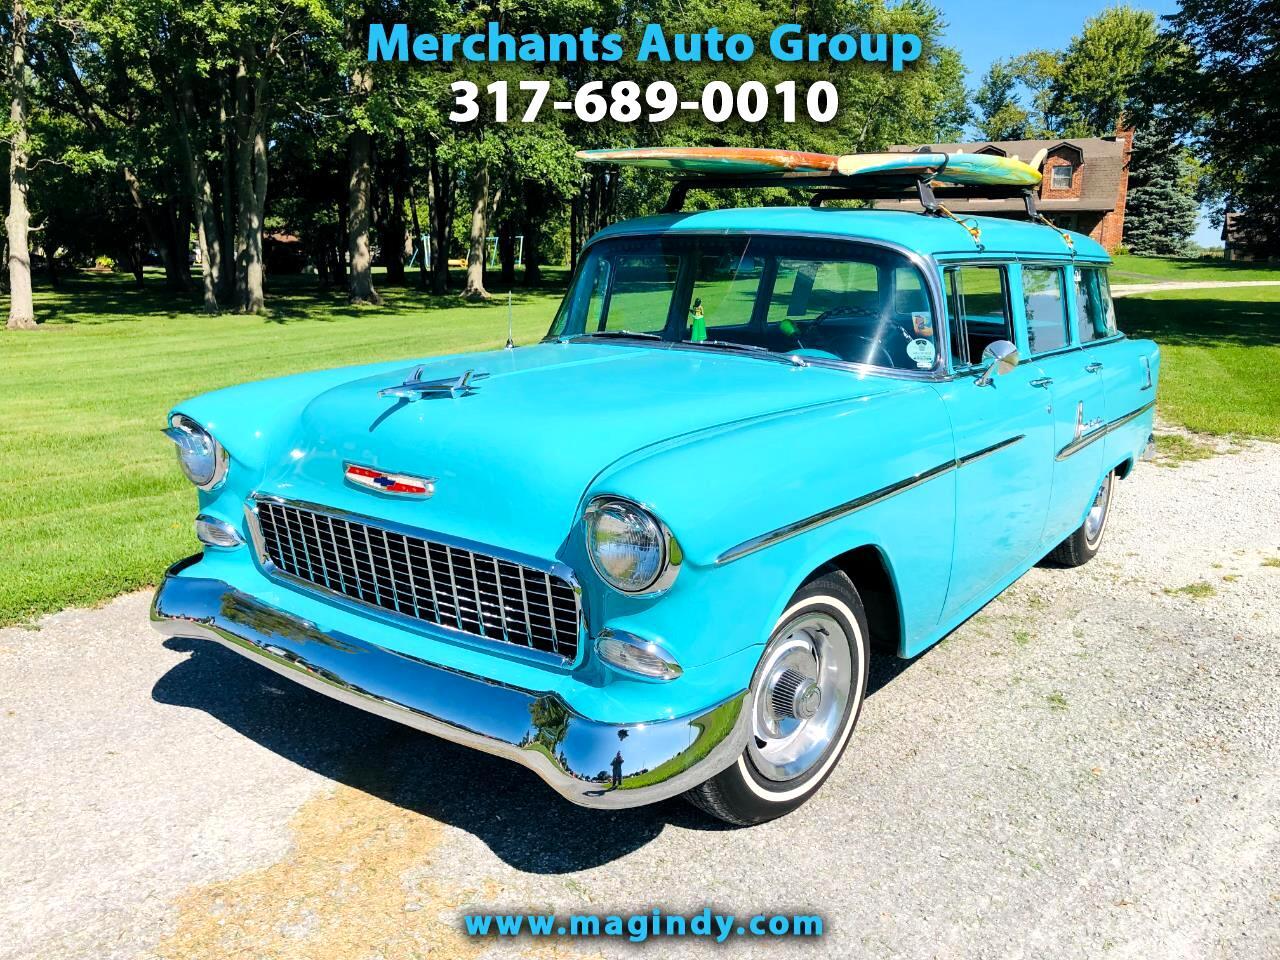 1955 Chevrolet BelAir 4 DR